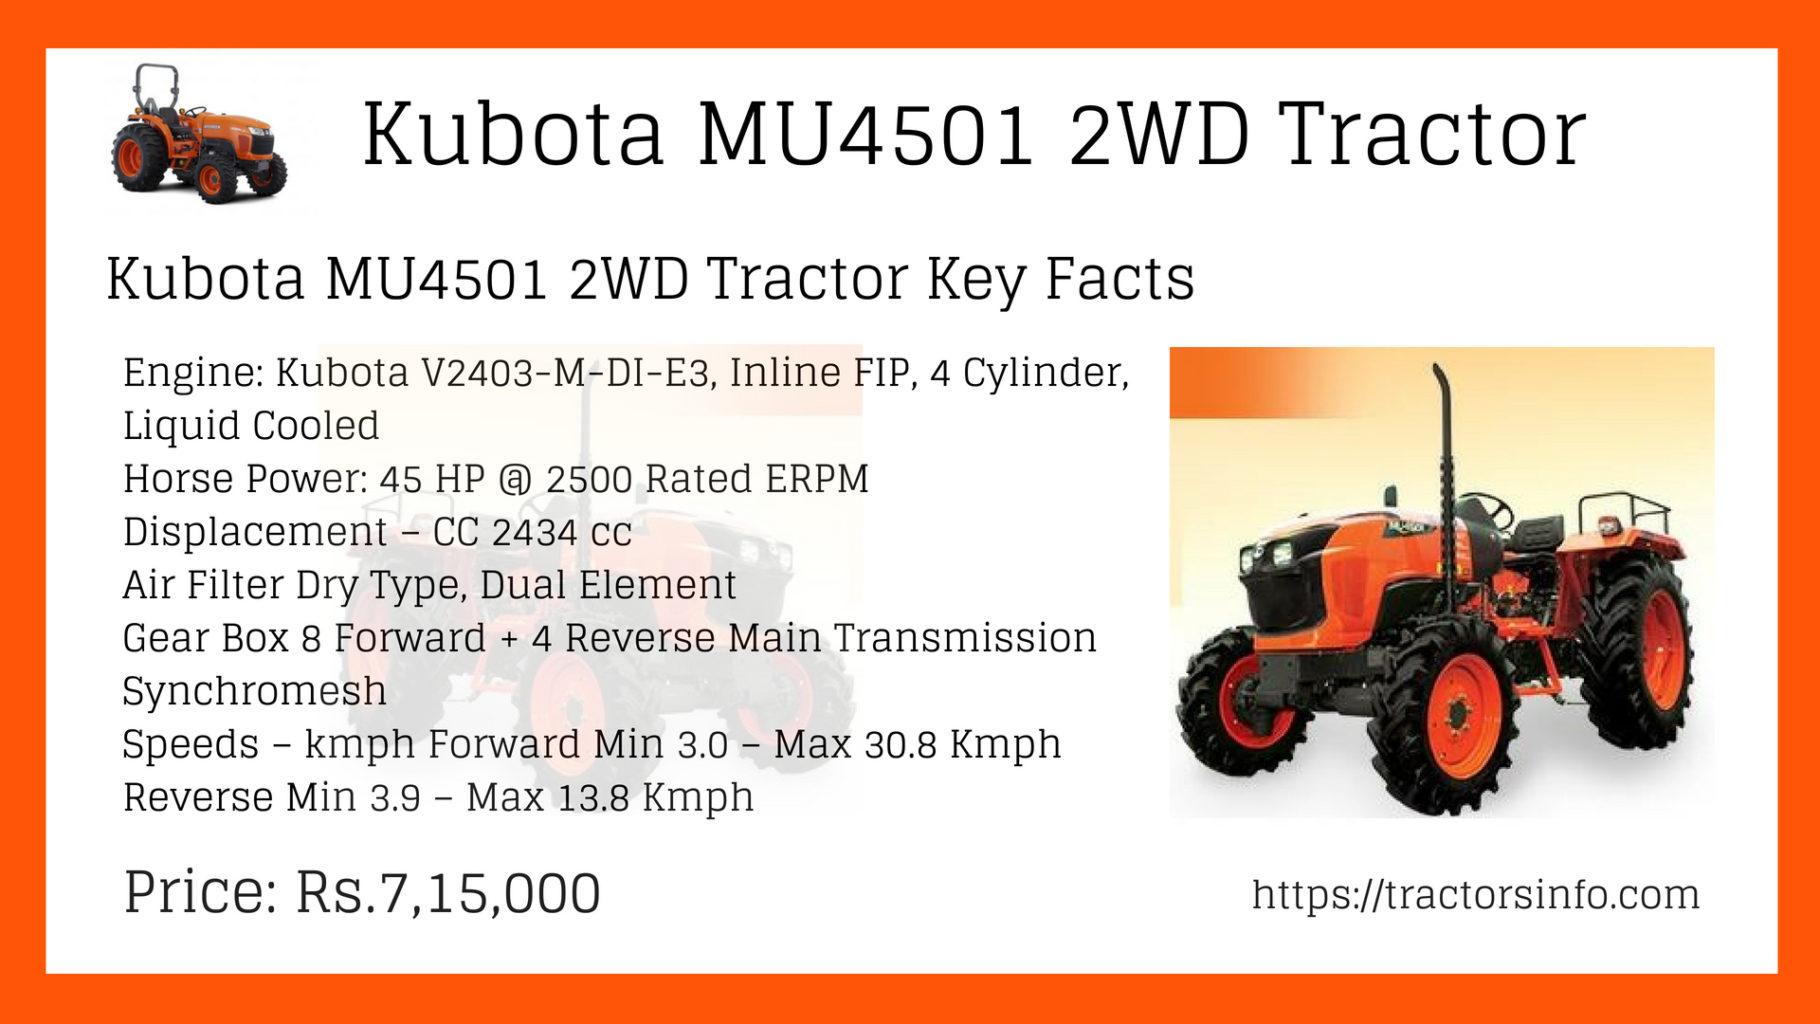 Kubota MU4501 2WD Tractor